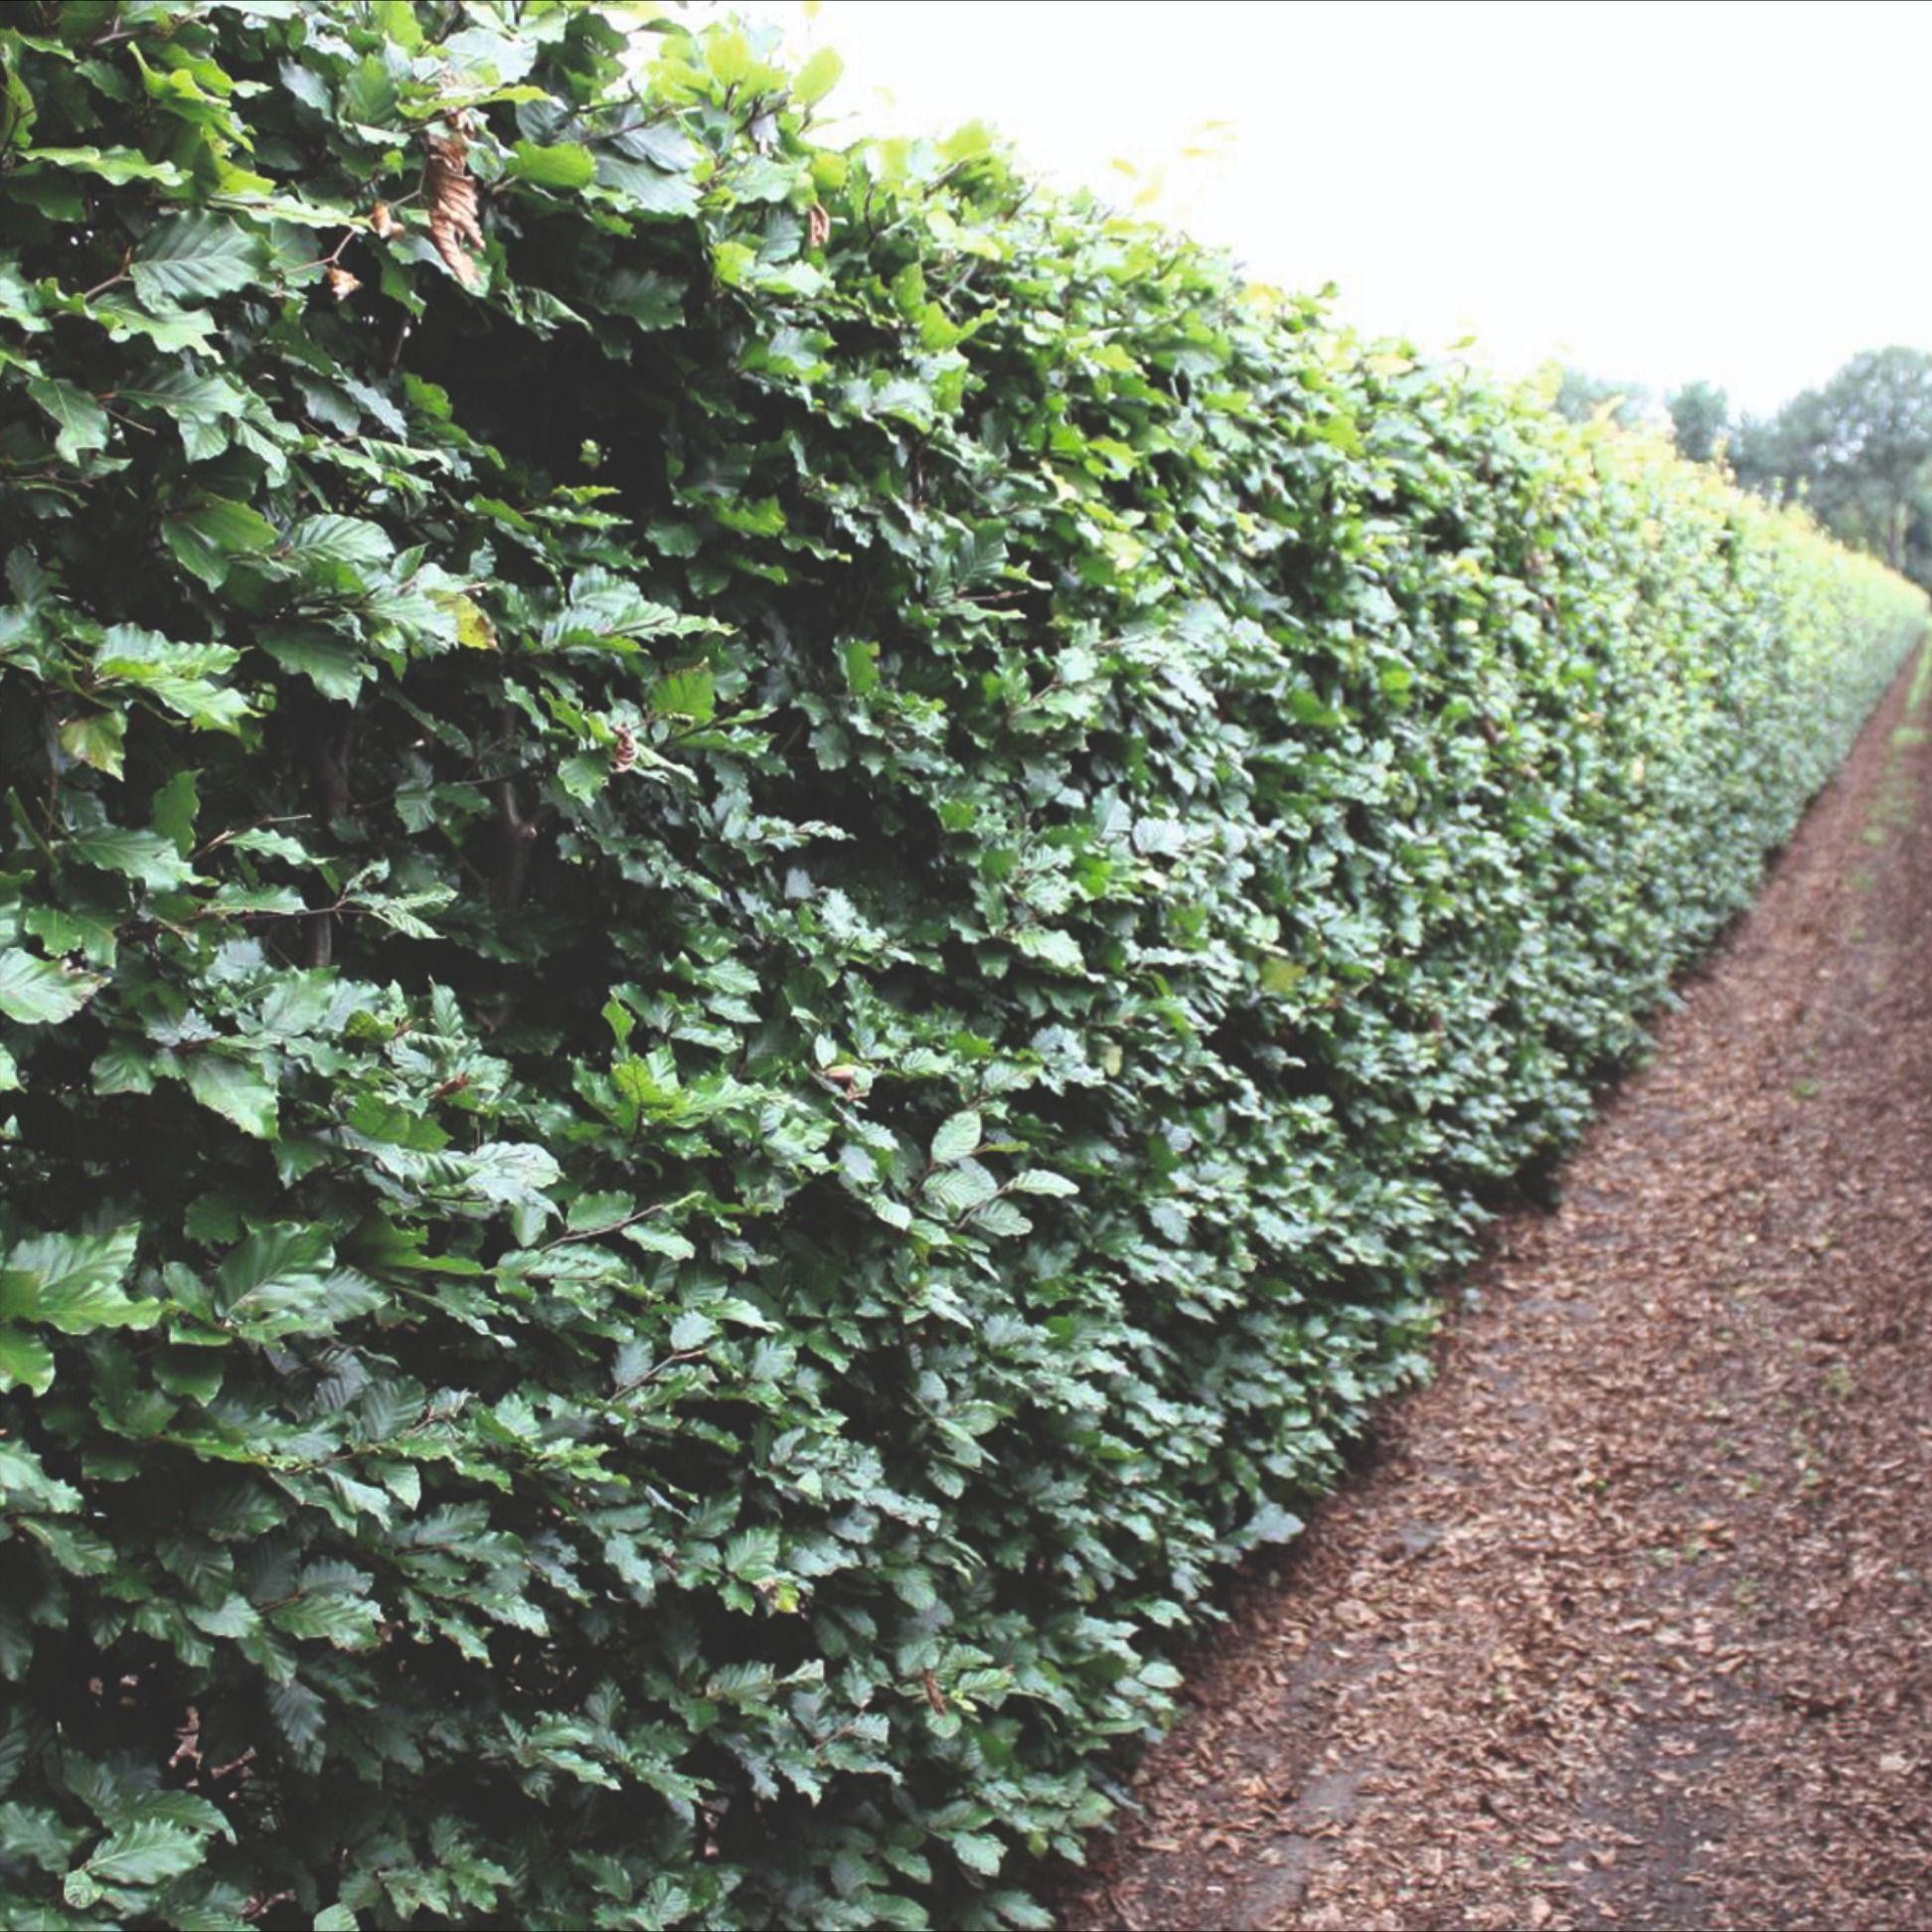 Schnell Wachsende Immergrune Hecke Schnellwachsendepflanzen In